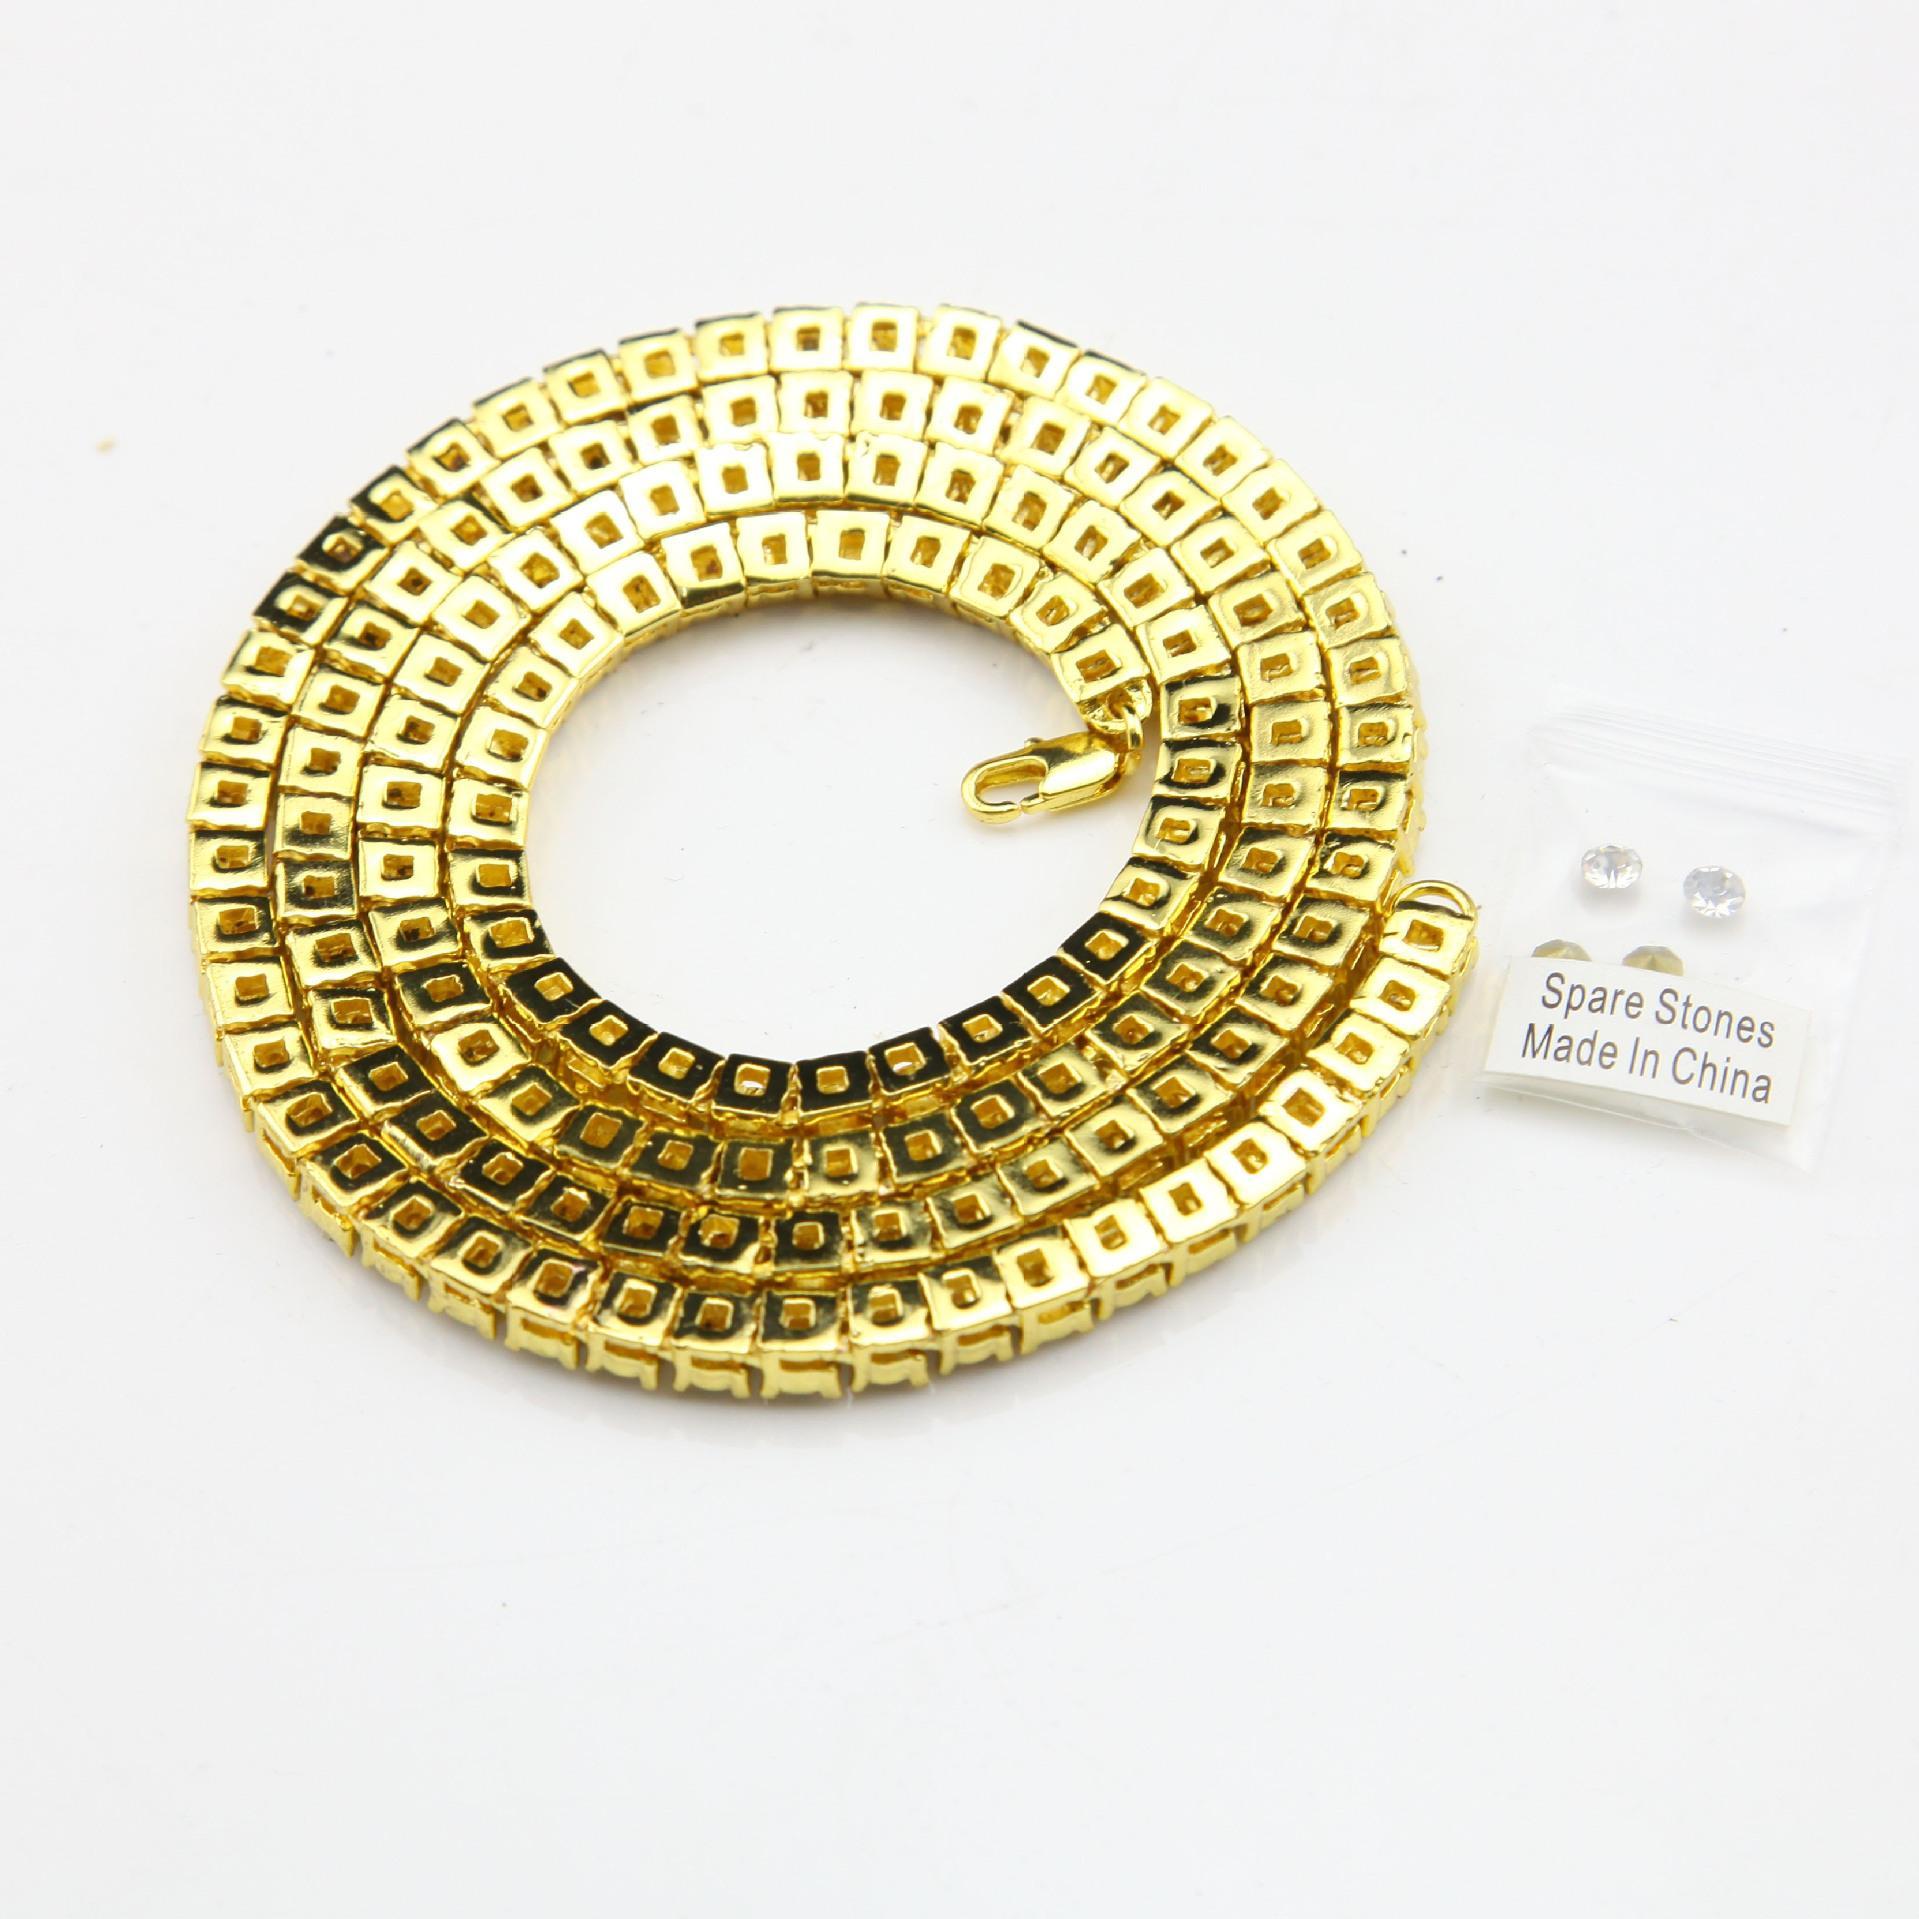 Altın Zincir Hip Hop Sıra Simüle Elmas Hip Hop Takı Kolye Zinciri 18-20-24-30 inç Erkek Altın Ton Buzlu Out Zincirler Kolye